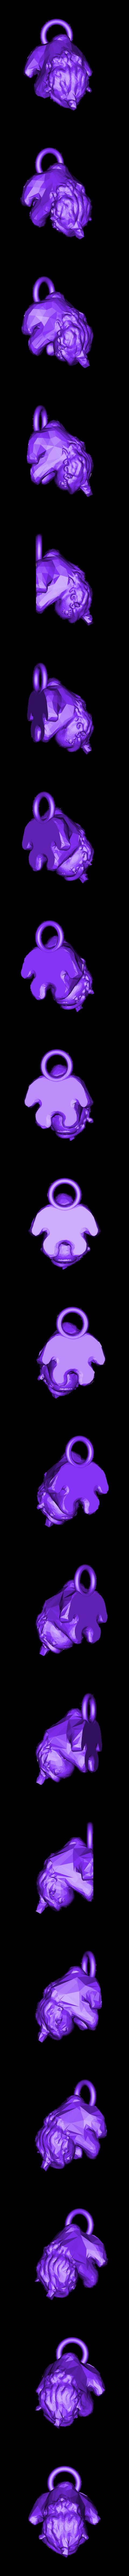 licourson.stl Download STL file key ring Licourson : Unicorn baby bear • 3D printing design, michoko